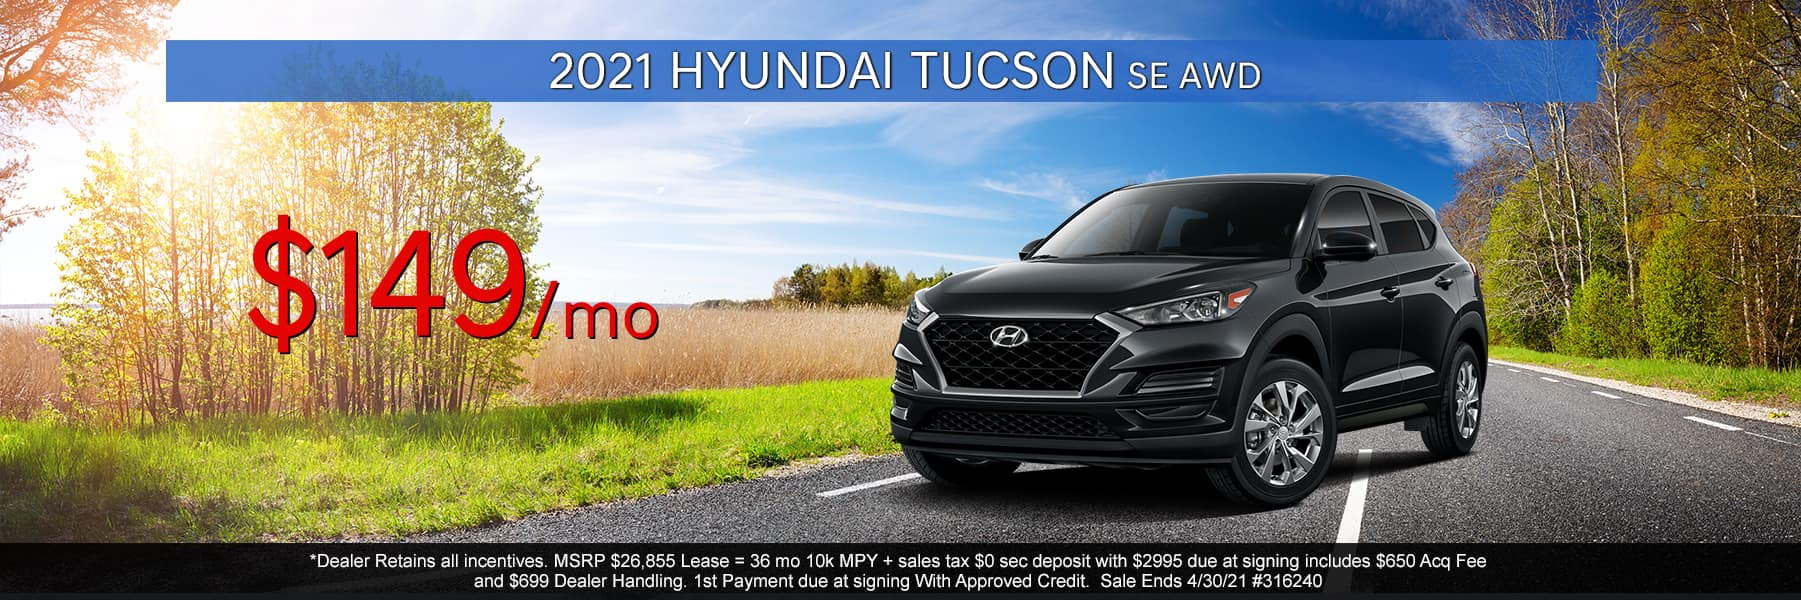 2021-Hyundai-Tucson-SE-Apr21